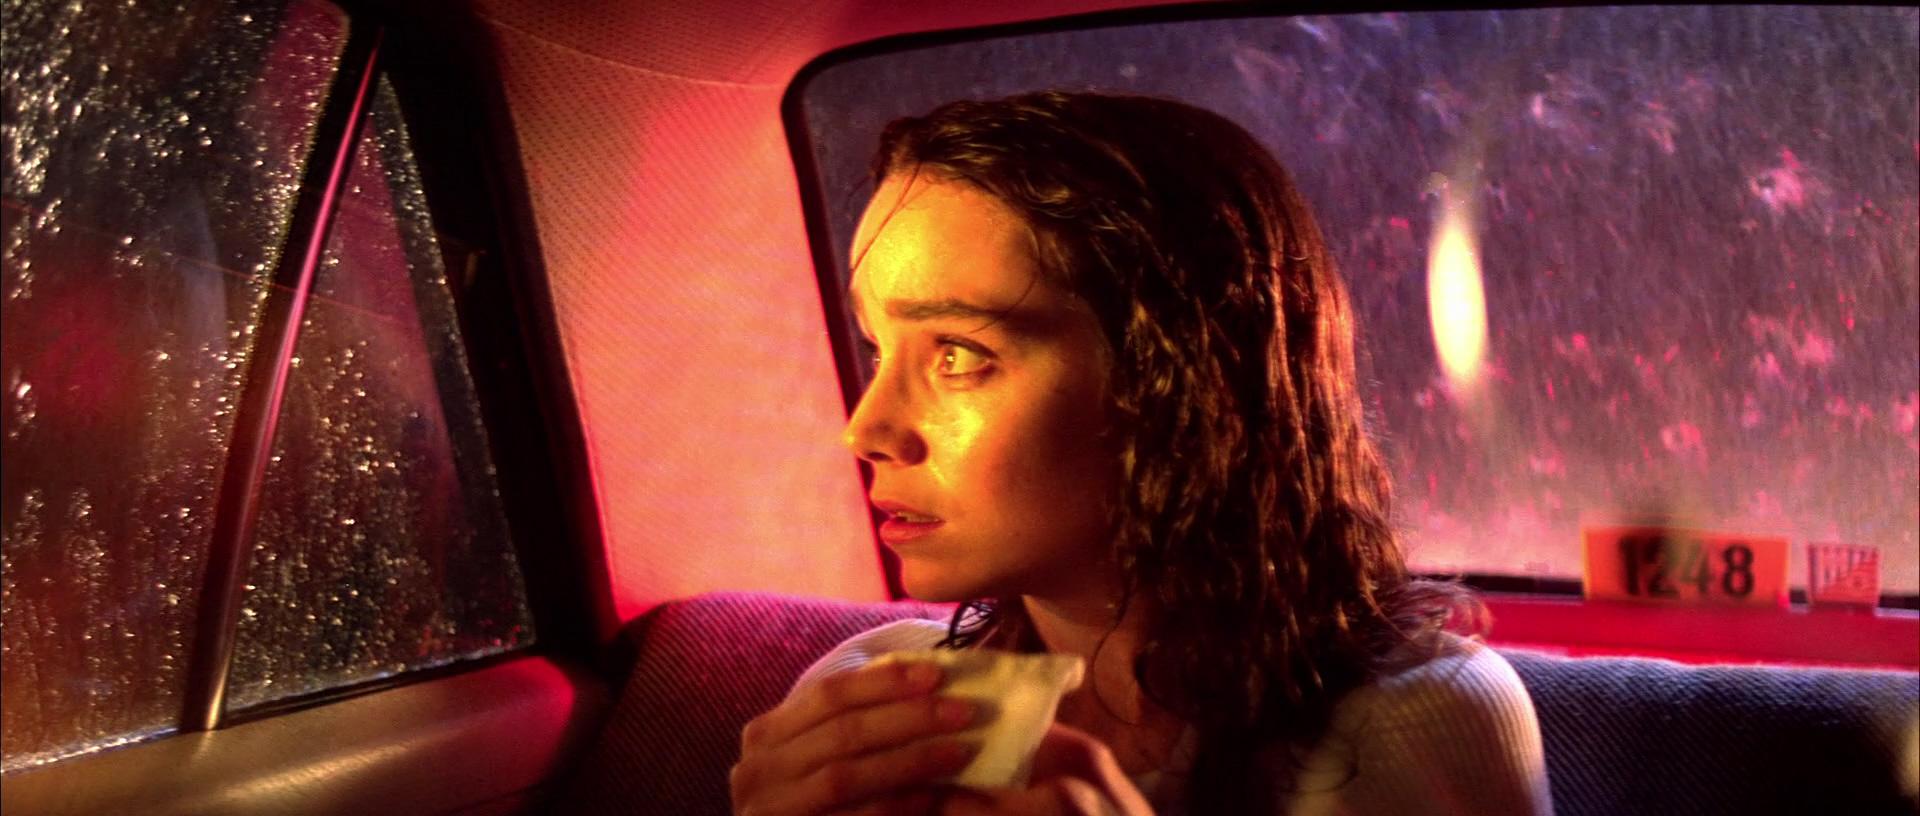 Jessica Harper in Dario Argento's  Suspiria  (1977) . Photo: Seda Spettacoli.